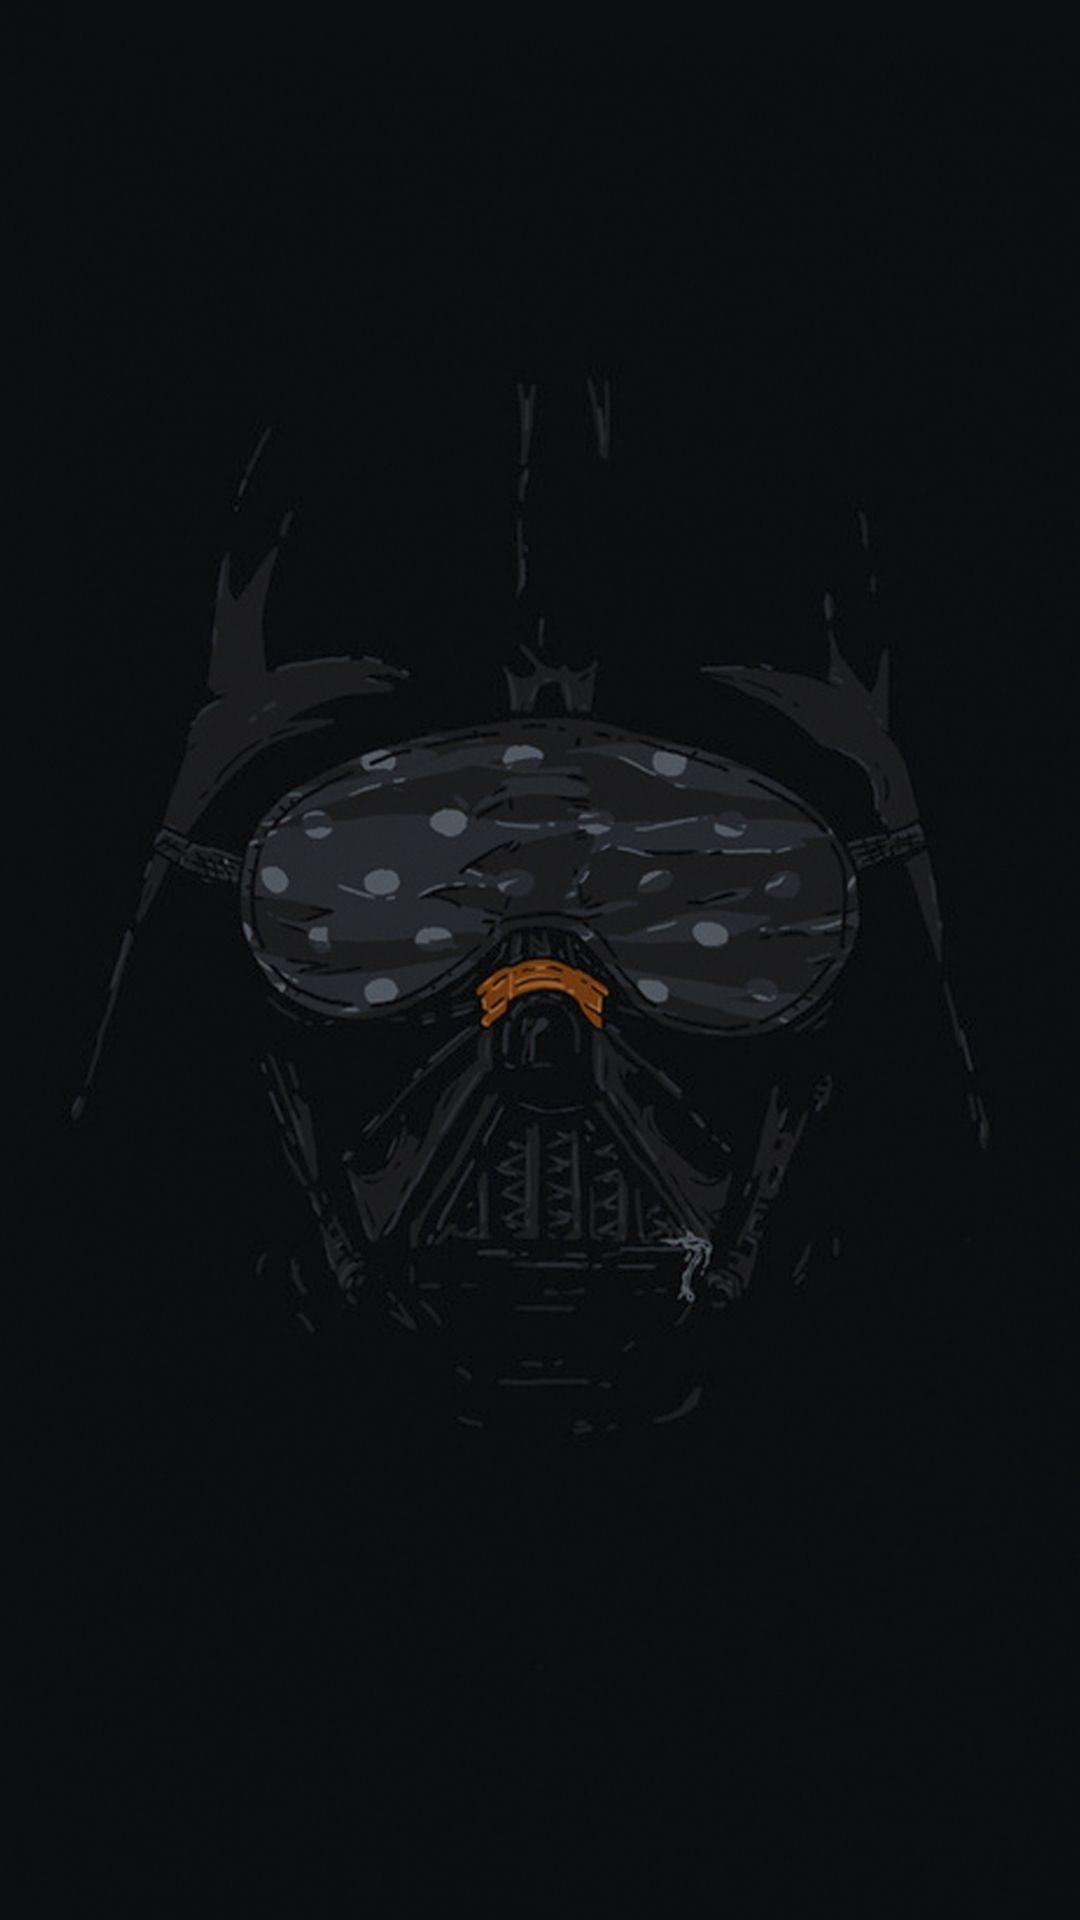 Darth Vader Rogue One Photo Darth Vader Wallpaper Iphone Darth Vader Wallpaper Iphone Wallpaper Stars